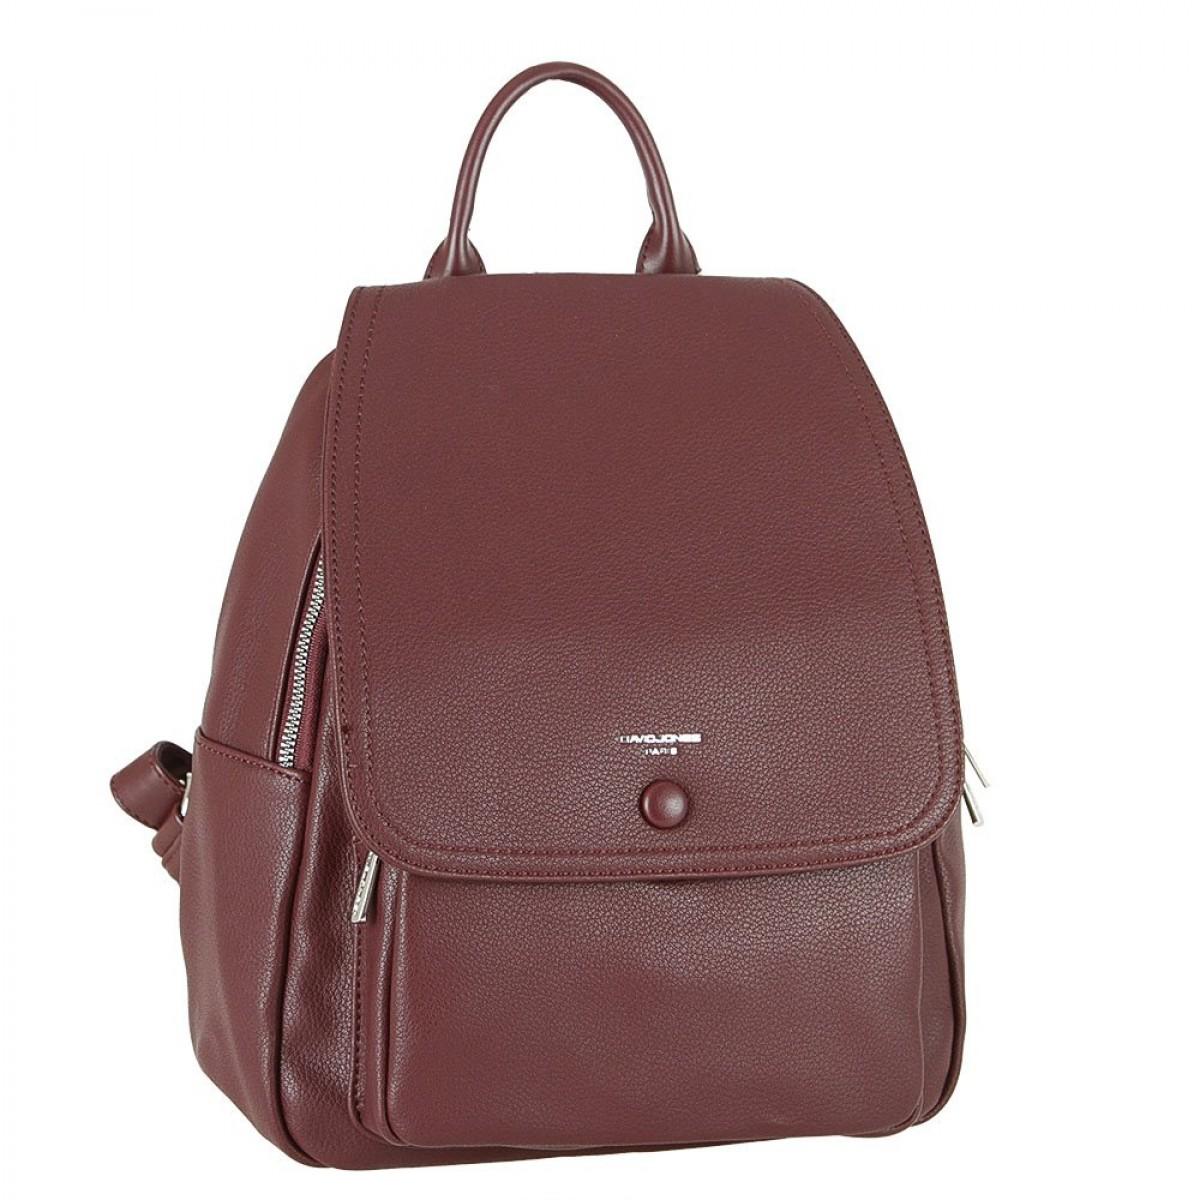 Жіночий рюкзак David Jones 6428-2 DARK BORDEAUX